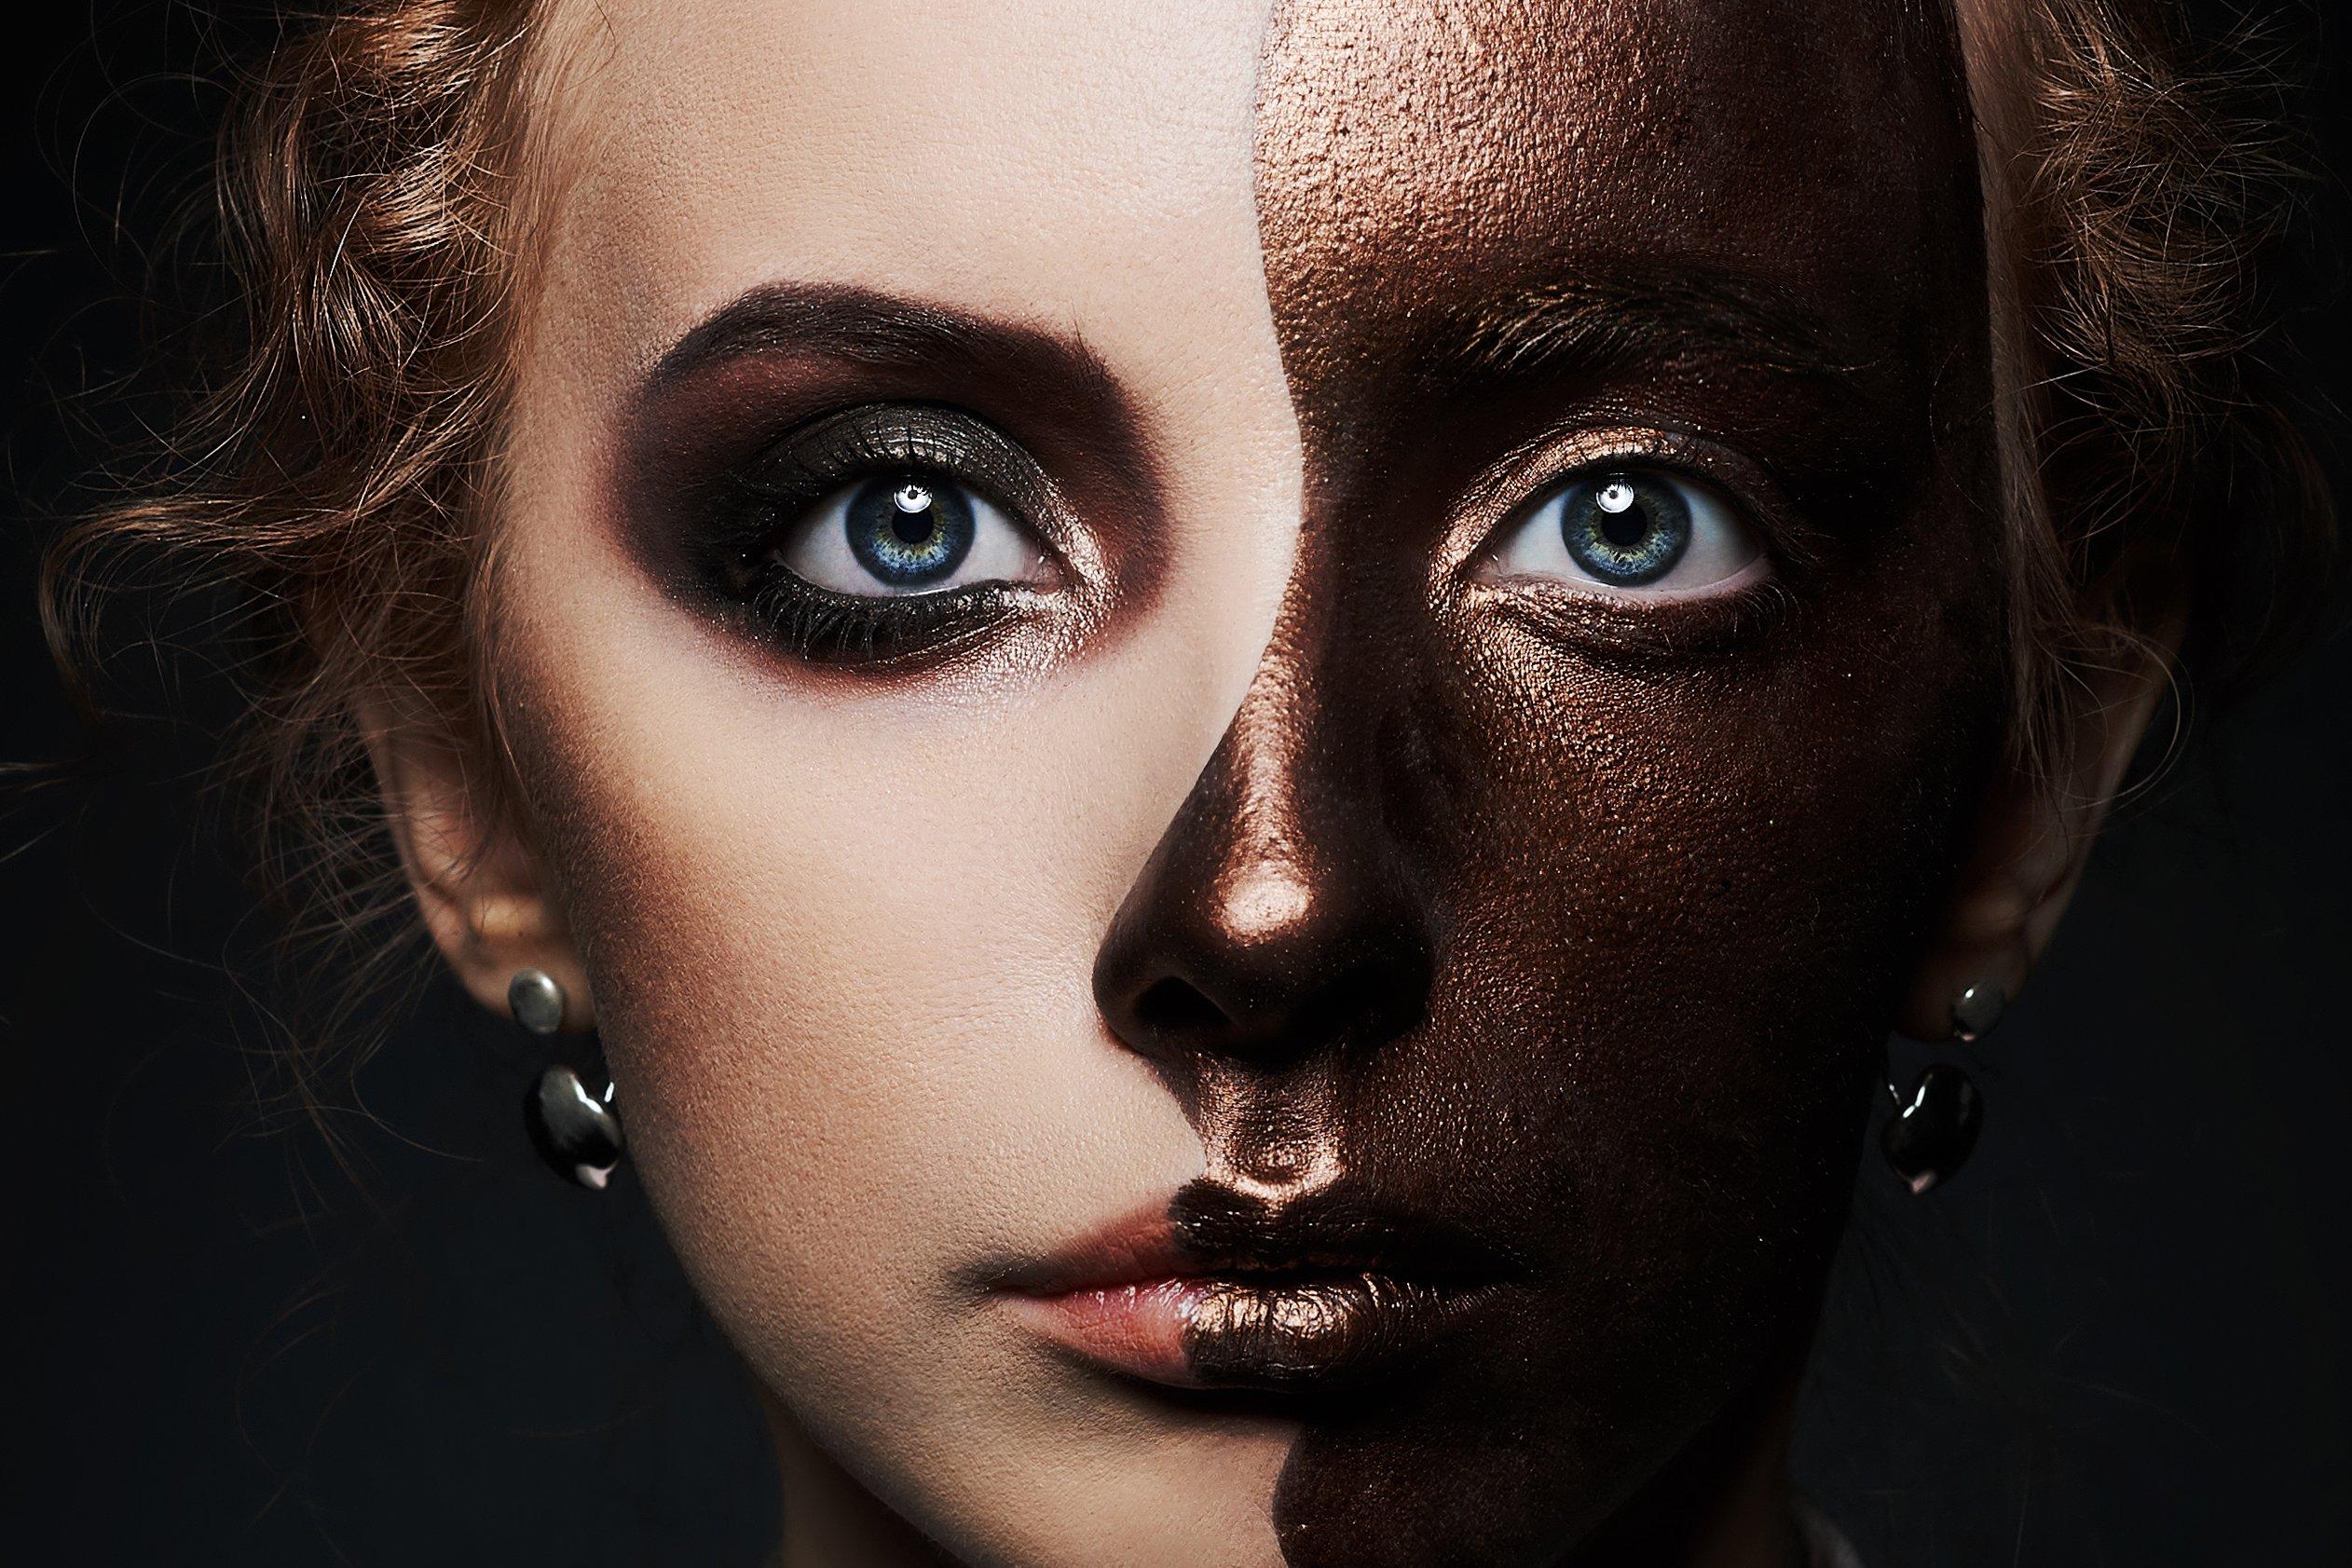 портрет, лицо, мода, красота, сиськи, модель, Рахимов Рустам